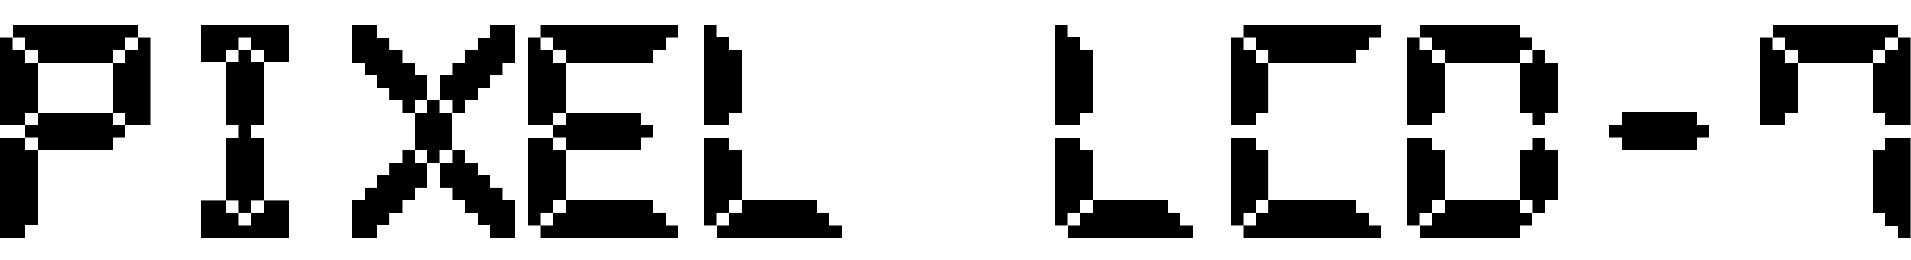 Pixel LCD-7